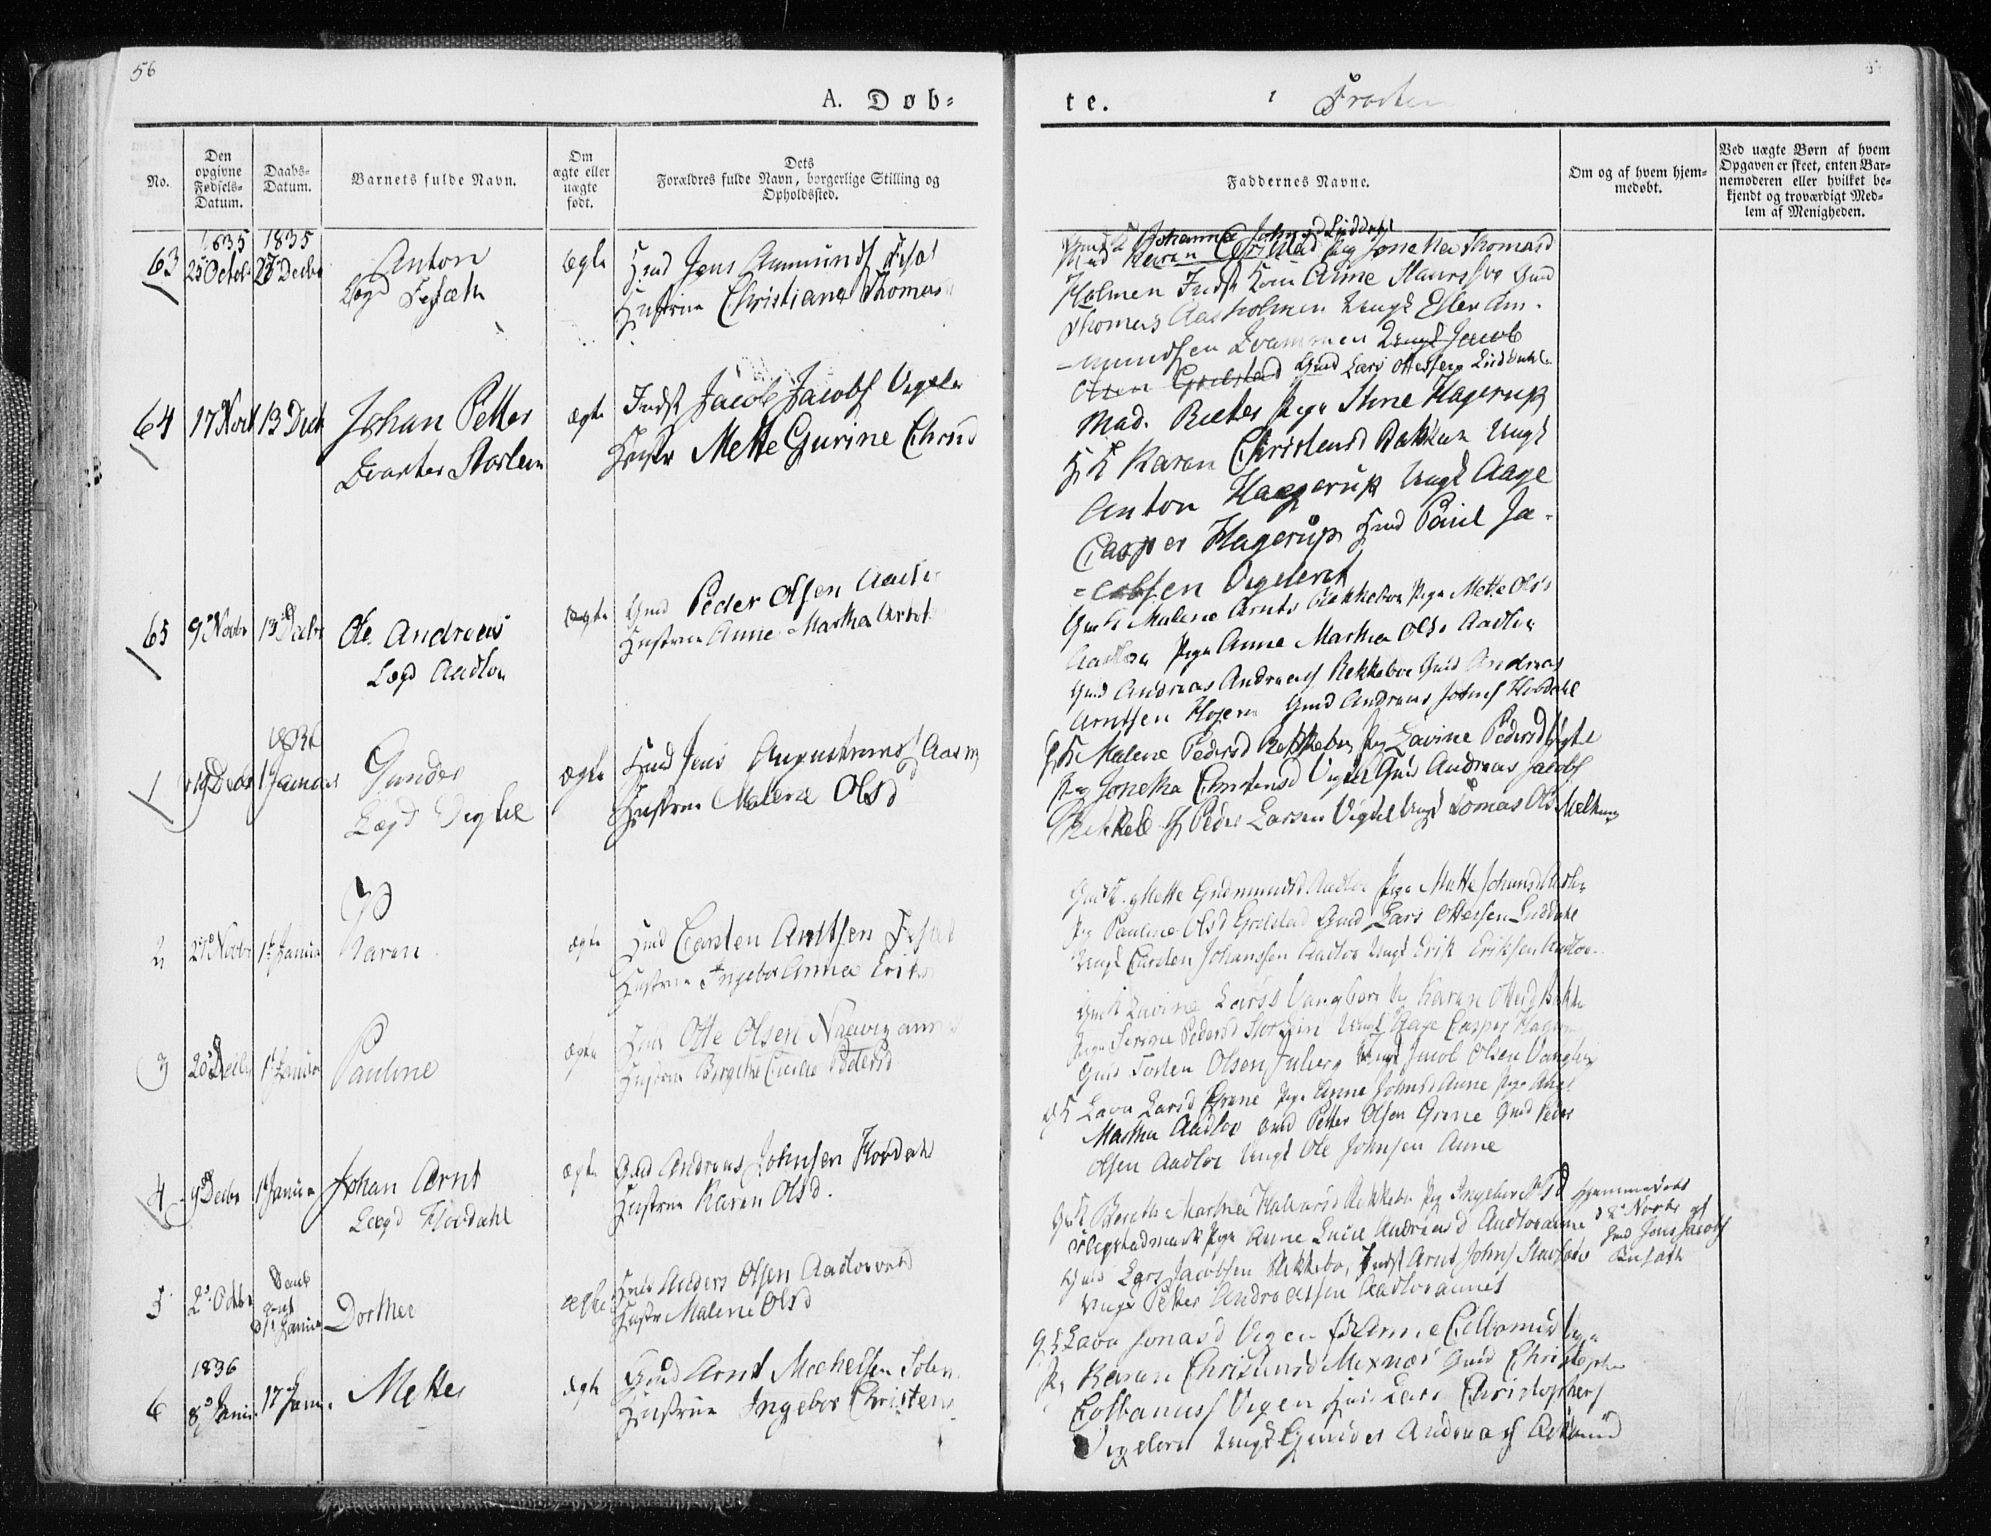 SAT, Ministerialprotokoller, klokkerbøker og fødselsregistre - Nord-Trøndelag, 713/L0114: Ministerialbok nr. 713A05, 1827-1839, s. 56